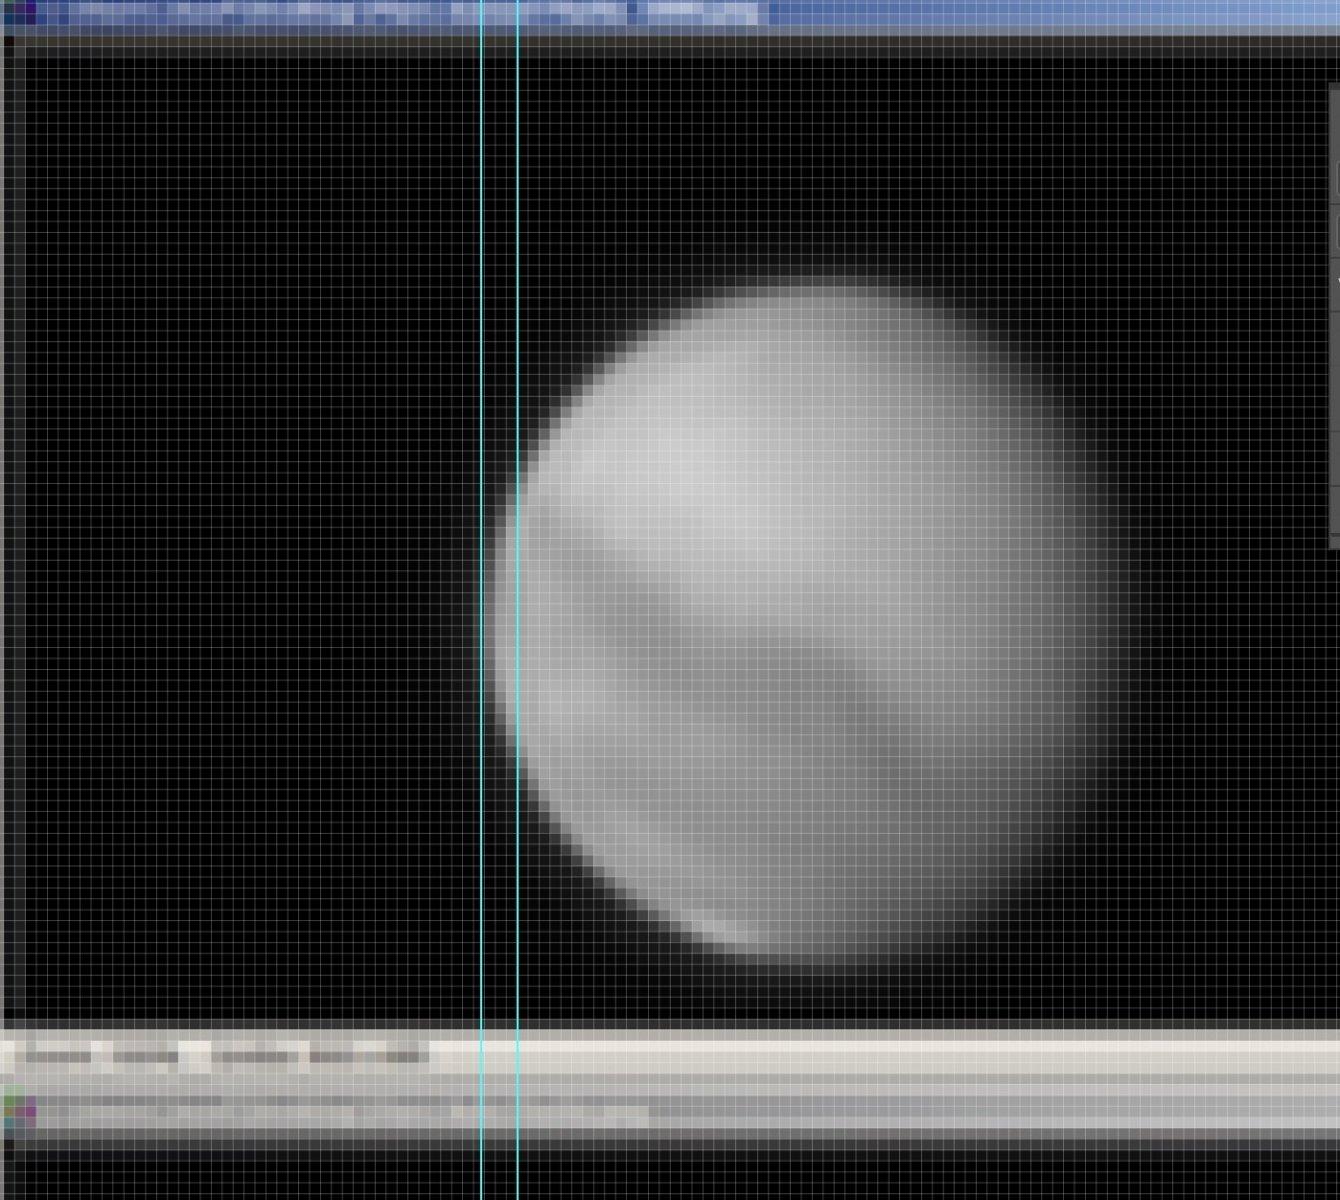 Bildschirmfoto 2020-09-04 um 17.54.13.jpg